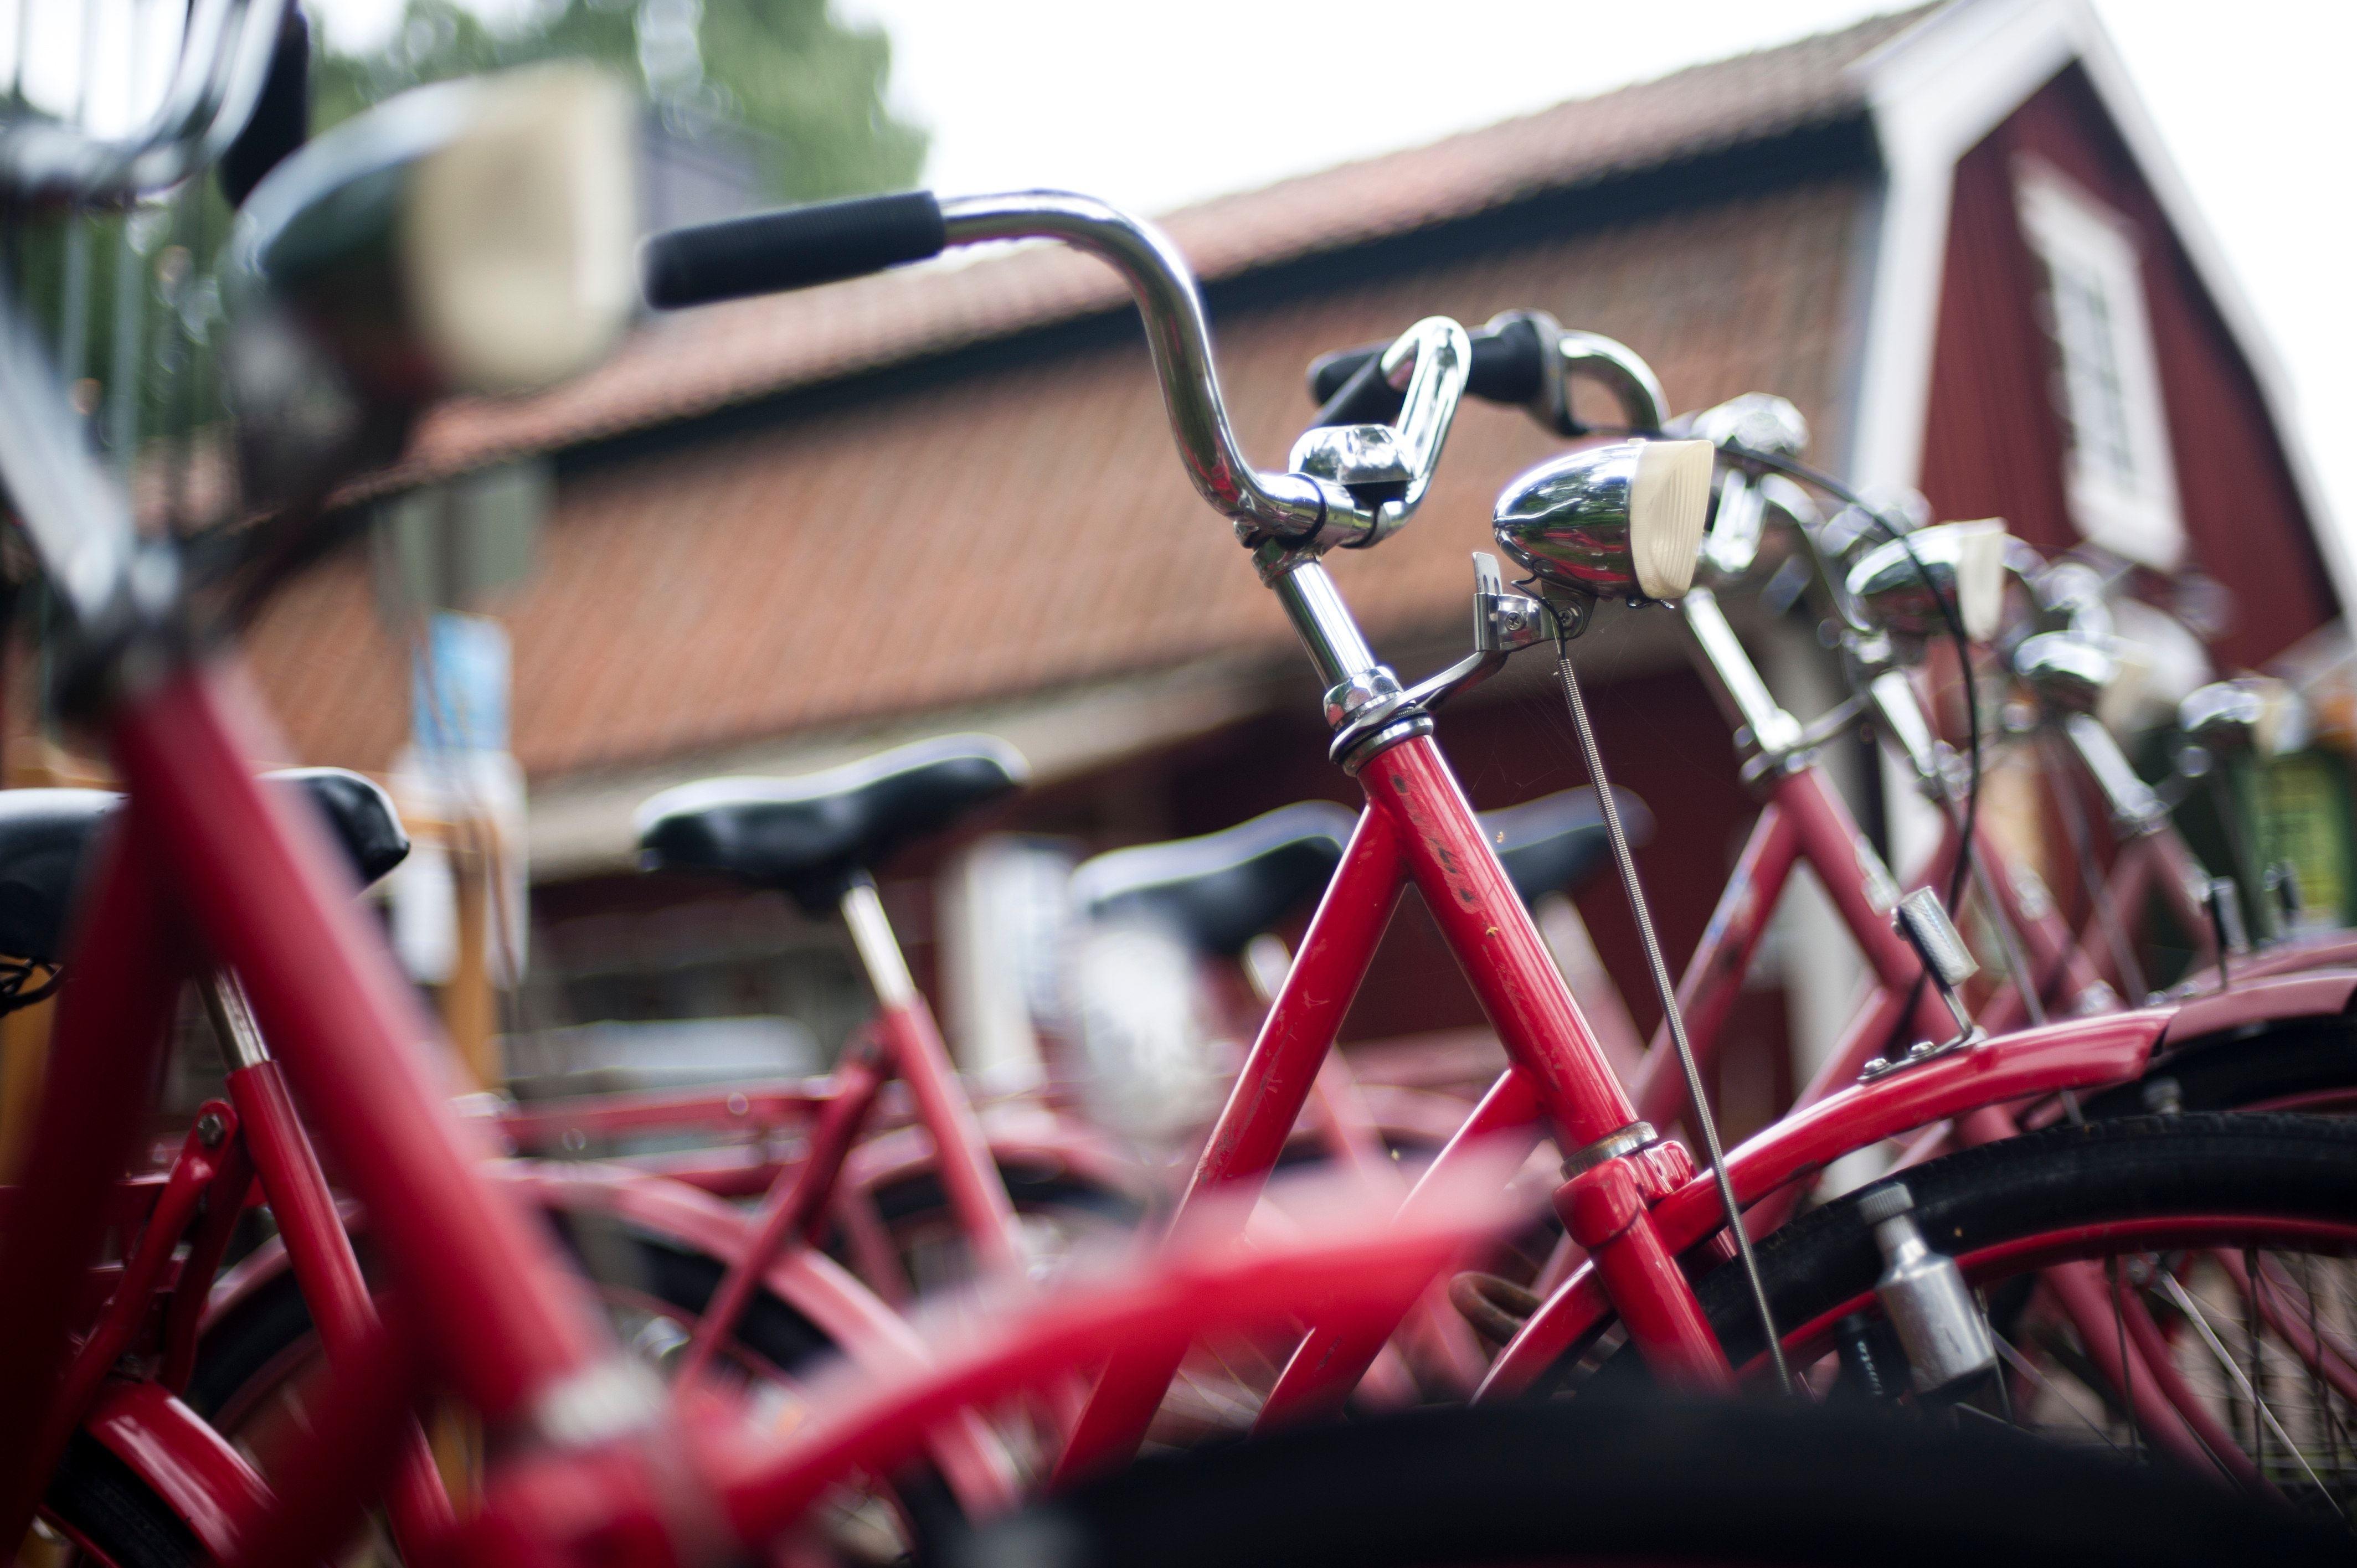 Alexander Mahmoud,  © Tingsryd Kommun, Fahrradverleih Cykel och Motor AB i Ryd